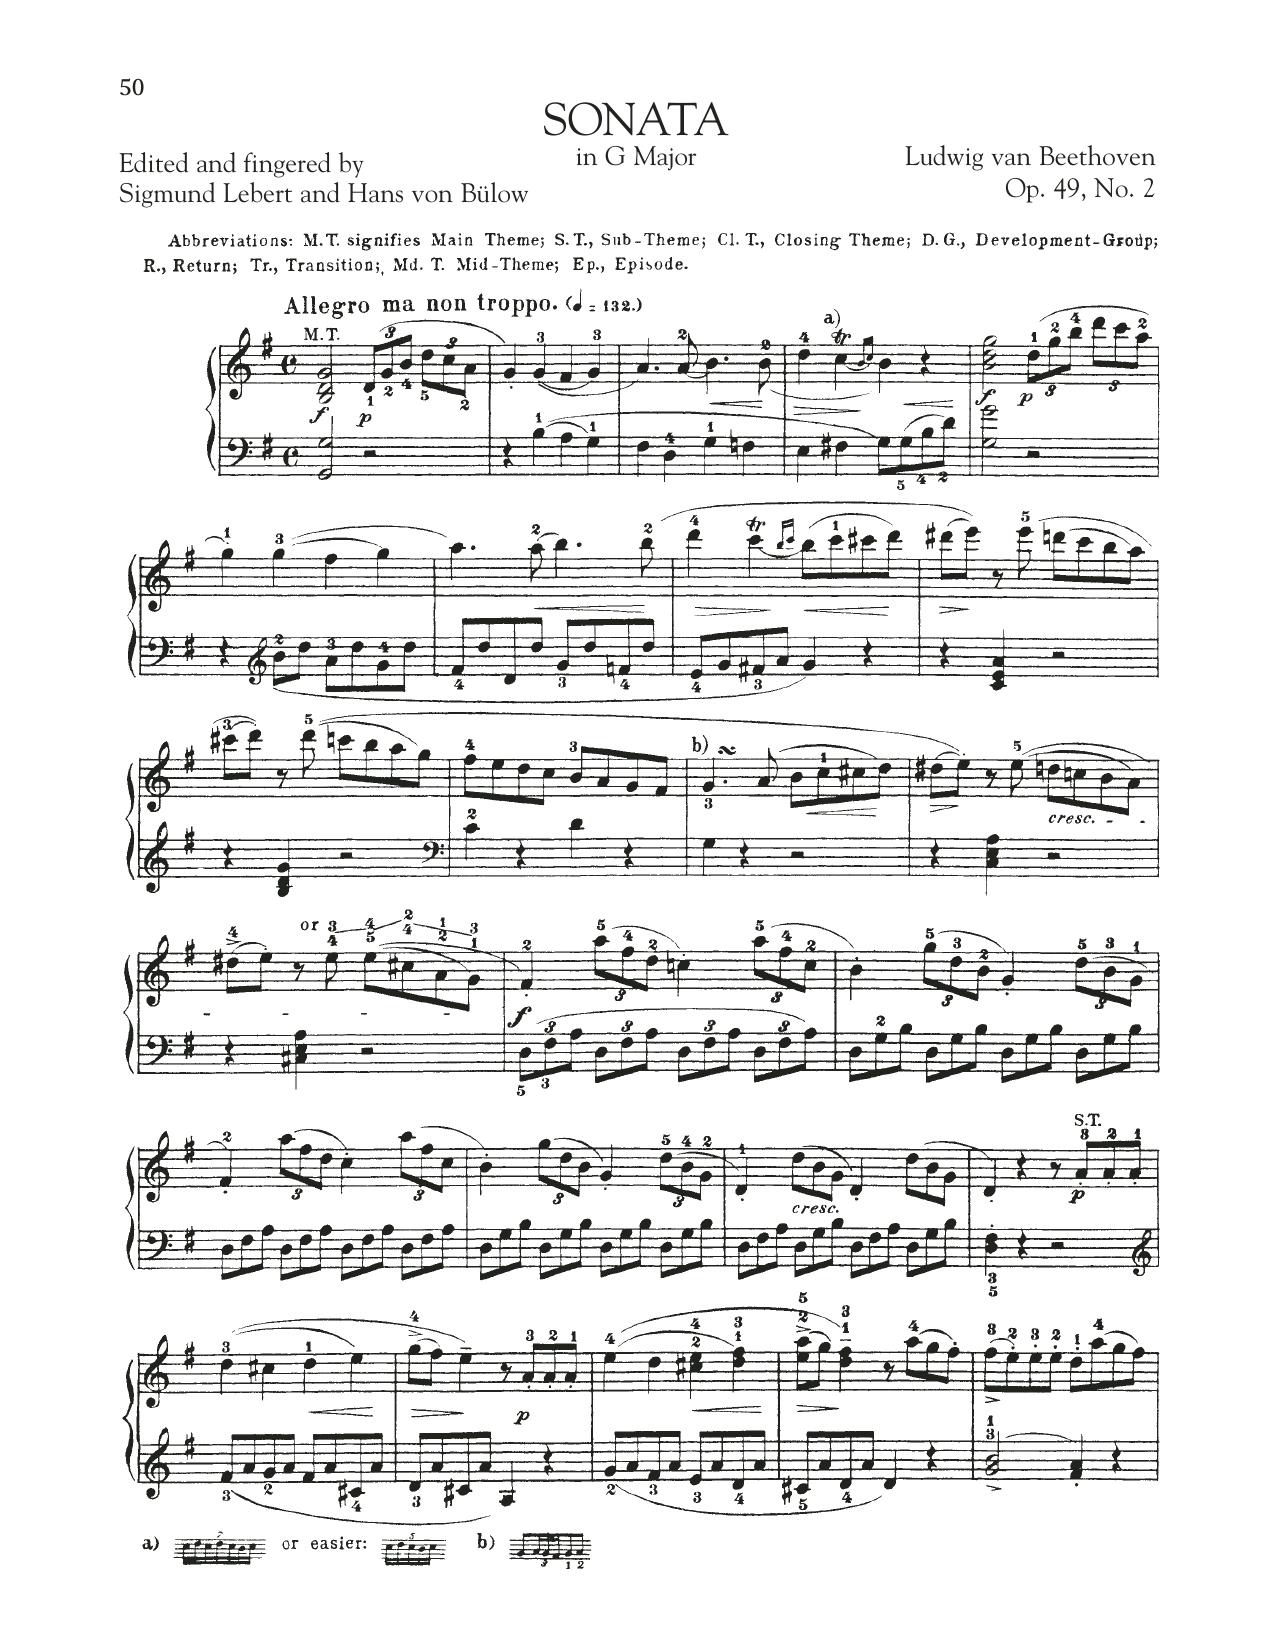 Sonata in G Major, Op. 49, No. 2 (Piano Solo)